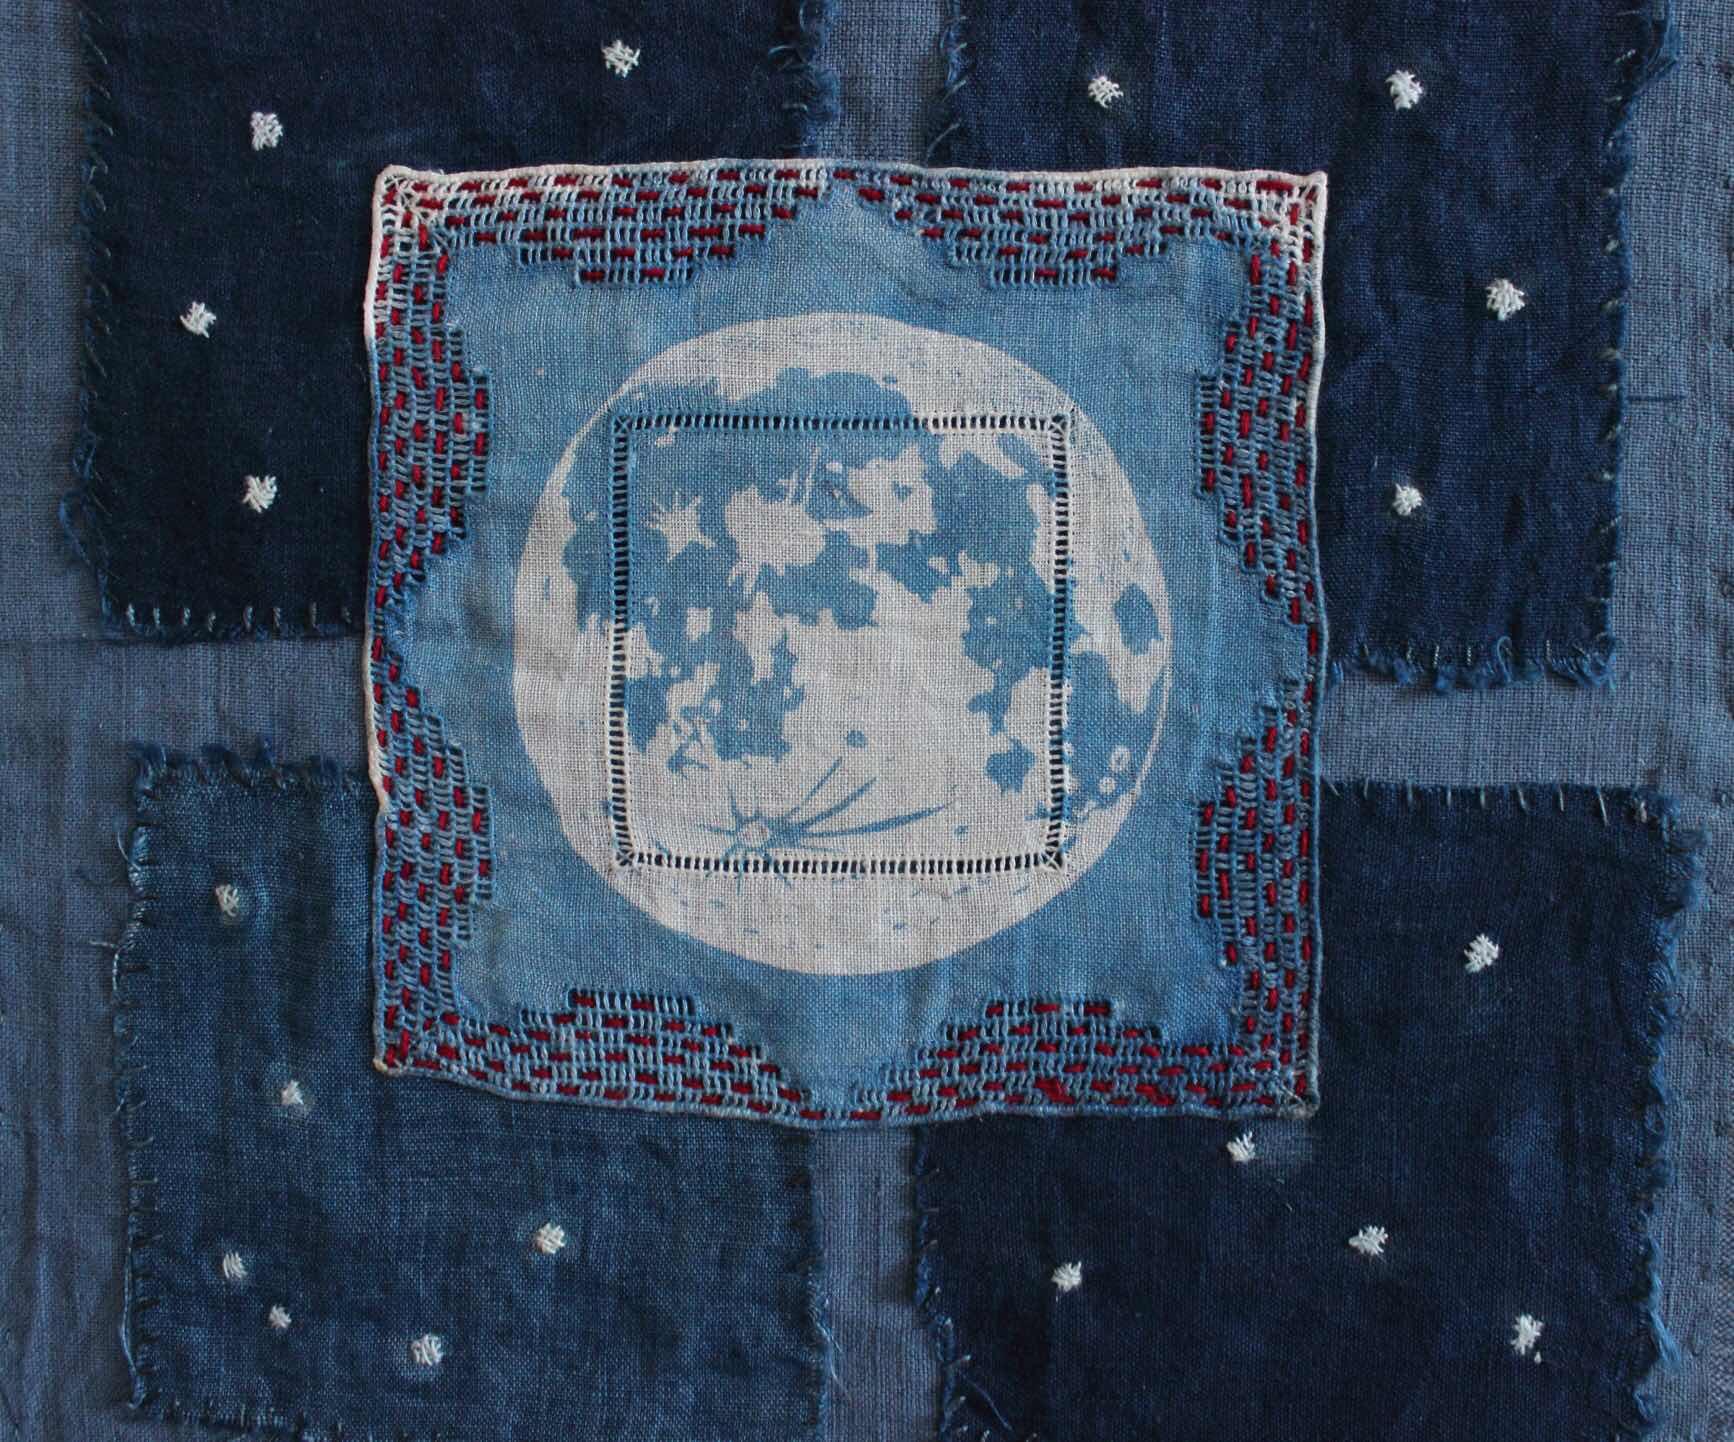 Luna.Textile work